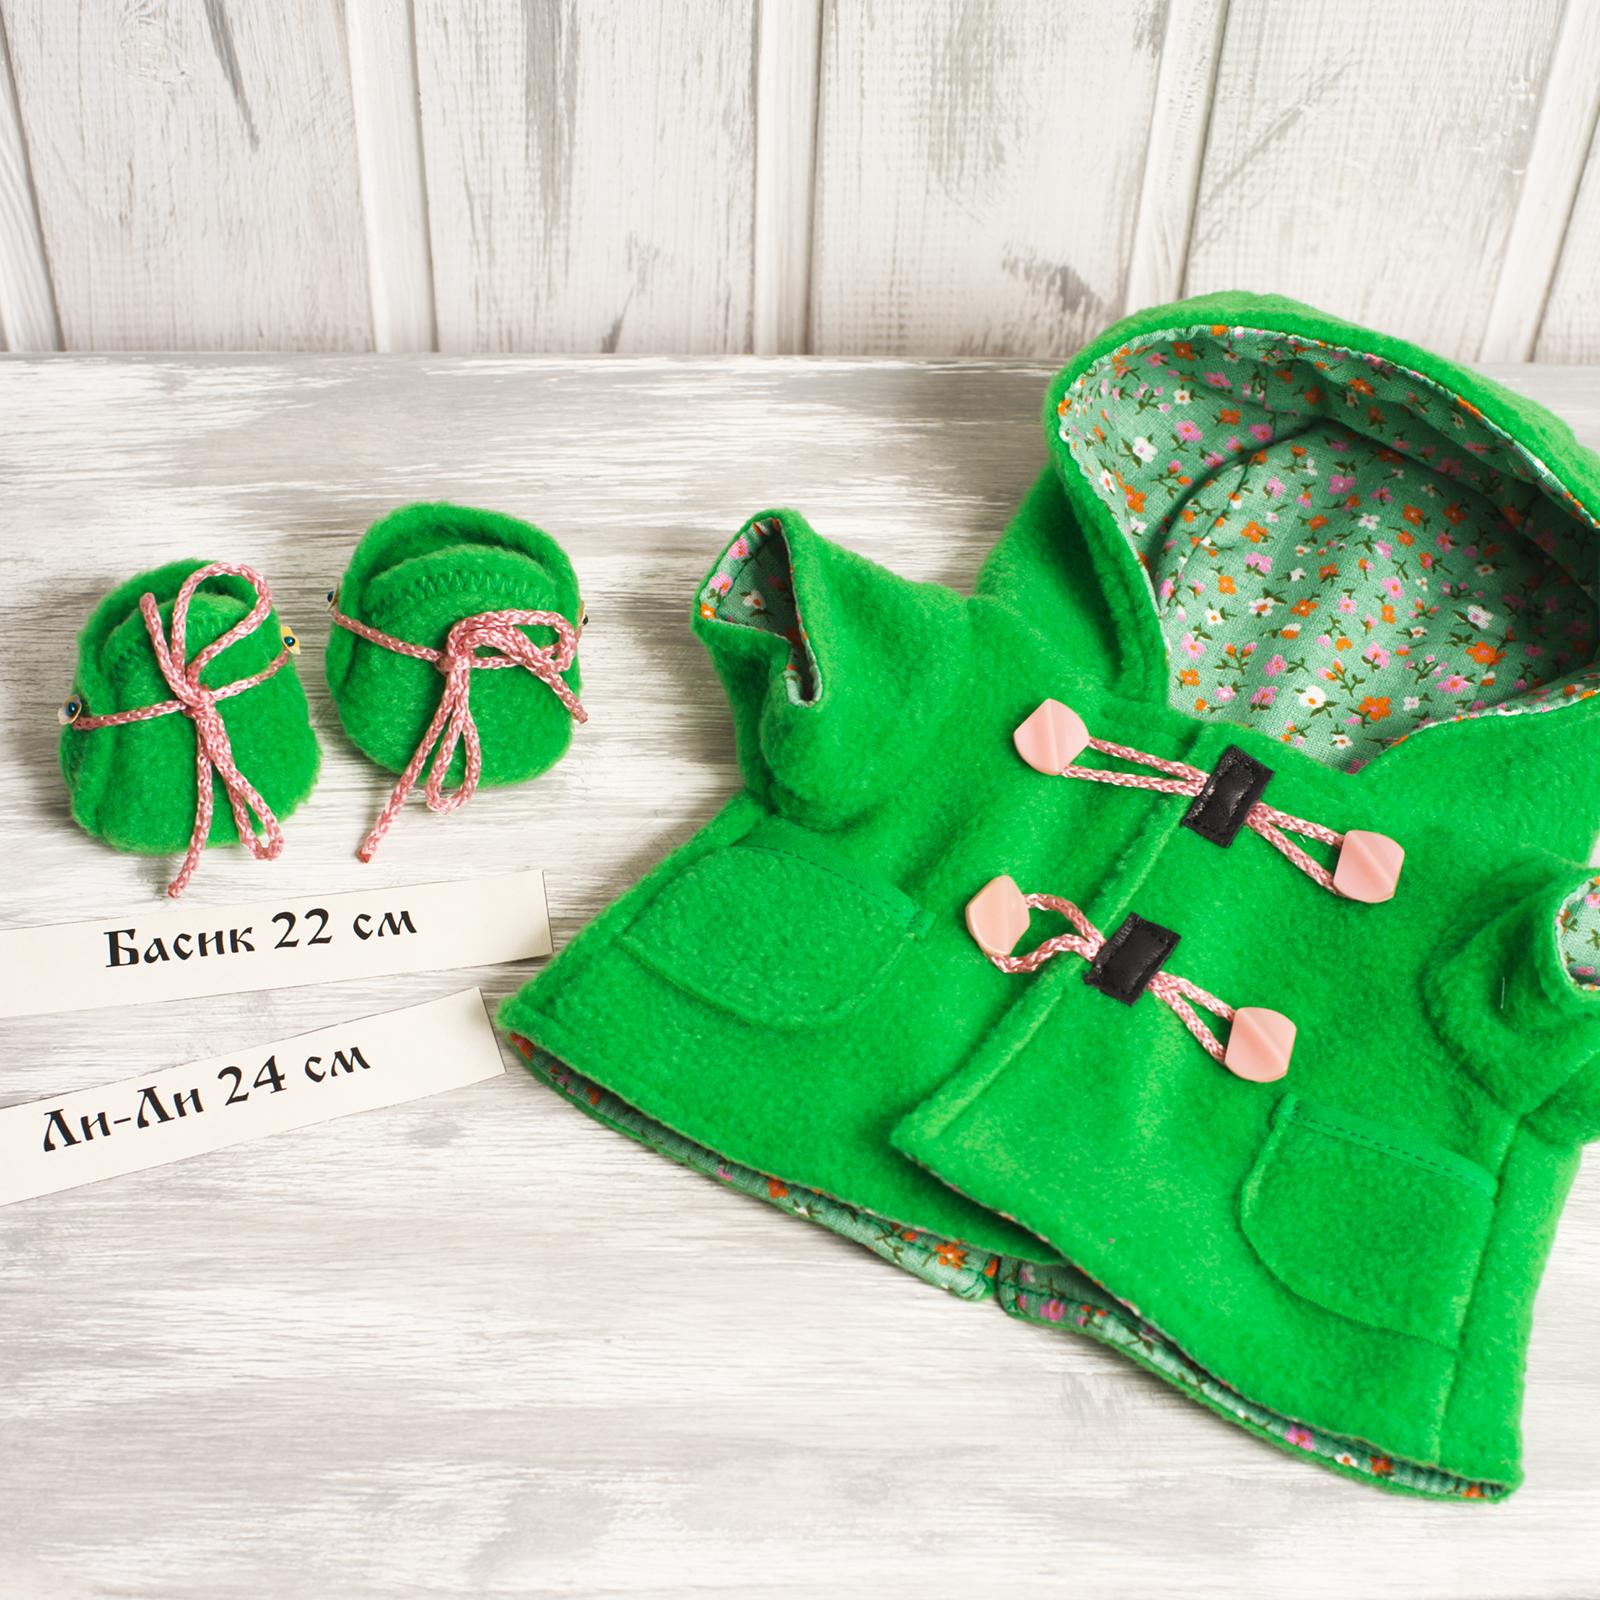 Пальто зелёное и обувь